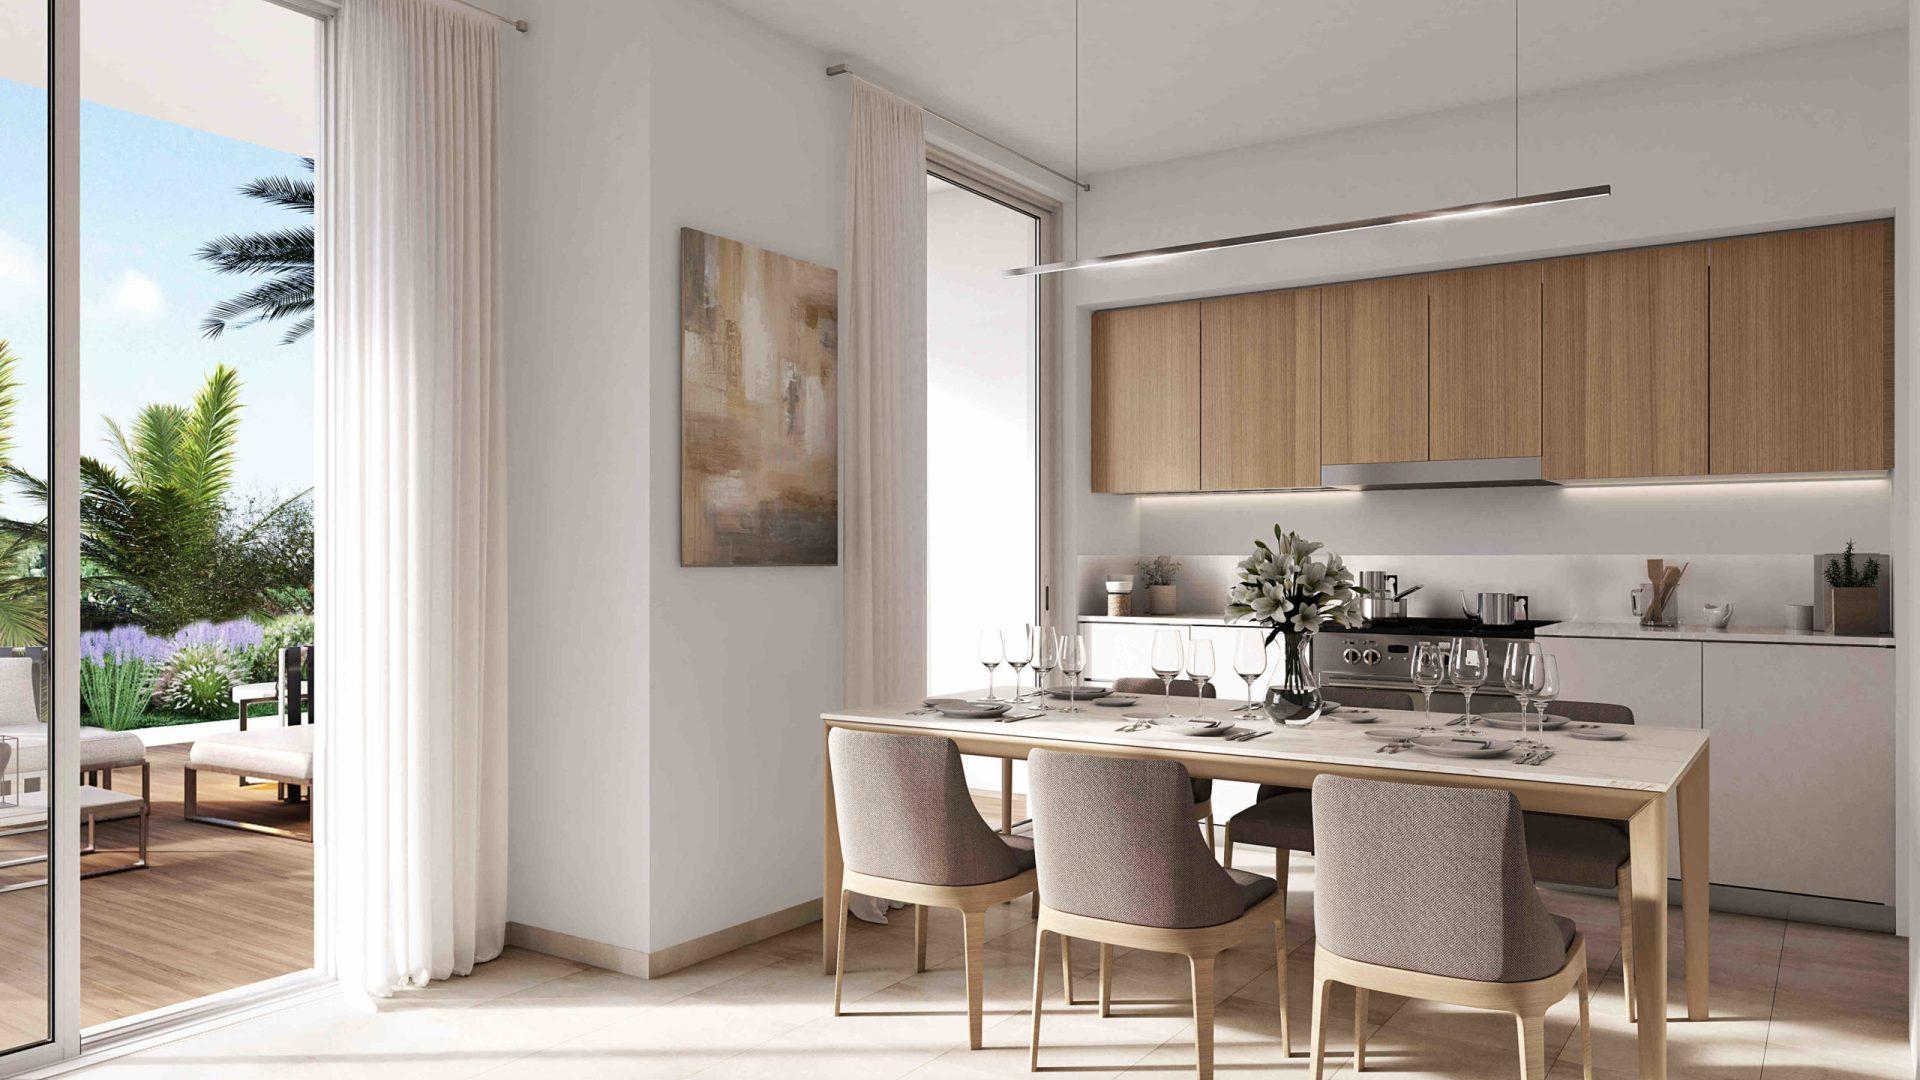 Villa en venta en Dubai, EAU, 3 dormitorios, 193 m2, № 24247 – foto 2